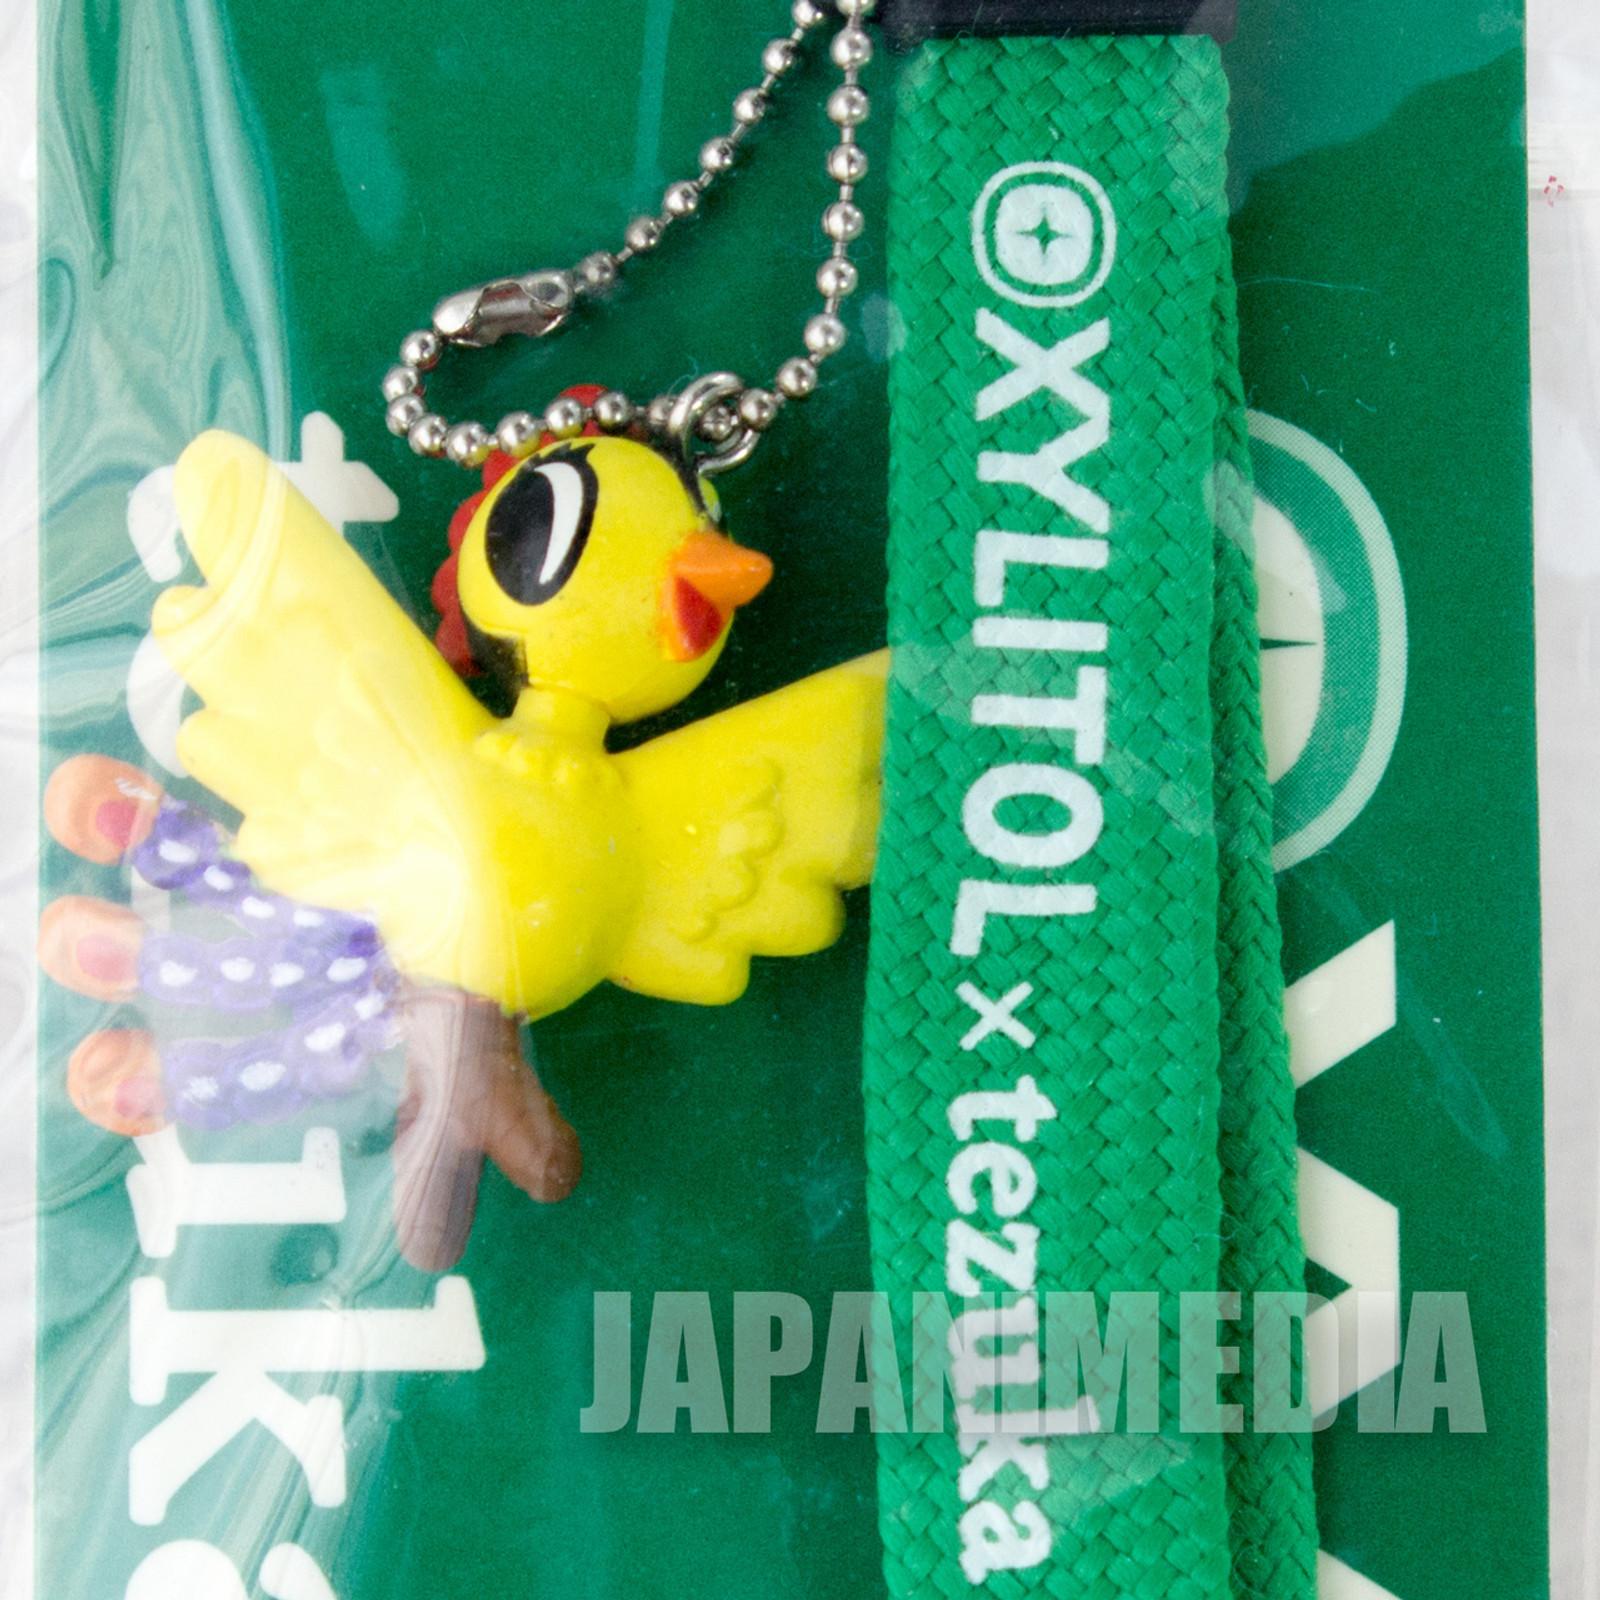 Phoenix Hinotori Mascot Figure Strap XYLITOL 10th Anniversary Tezuka Osamu JAPAN